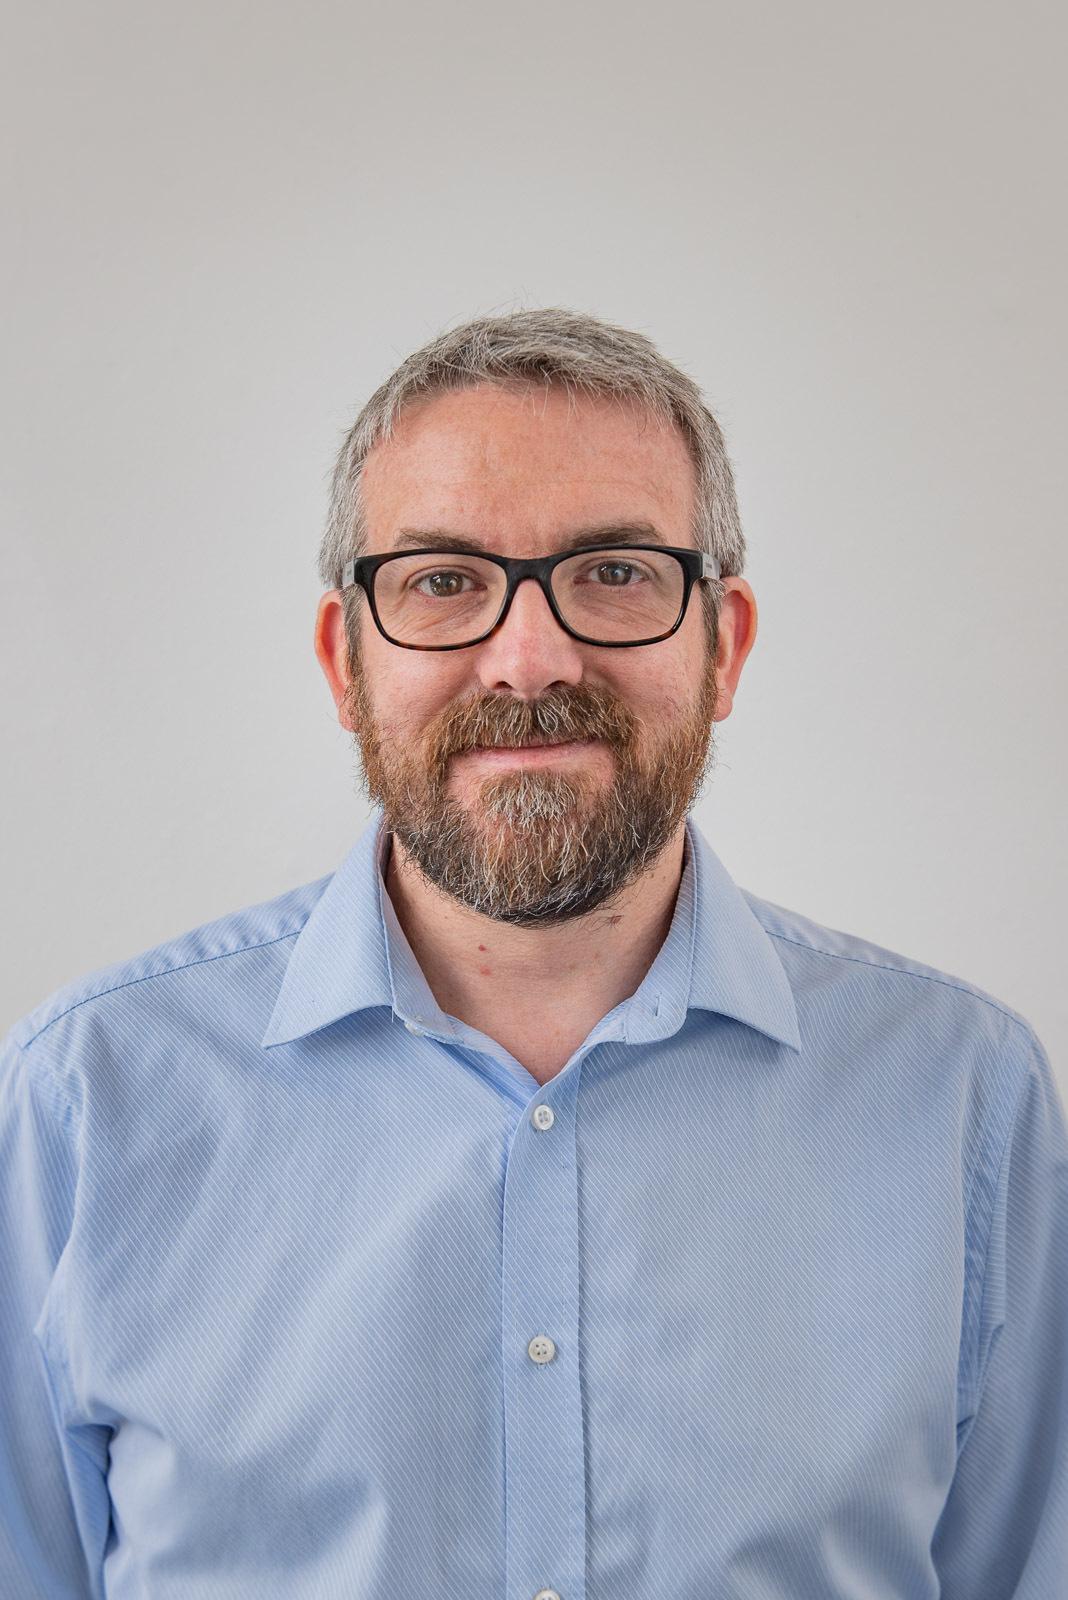 Steve Bailey